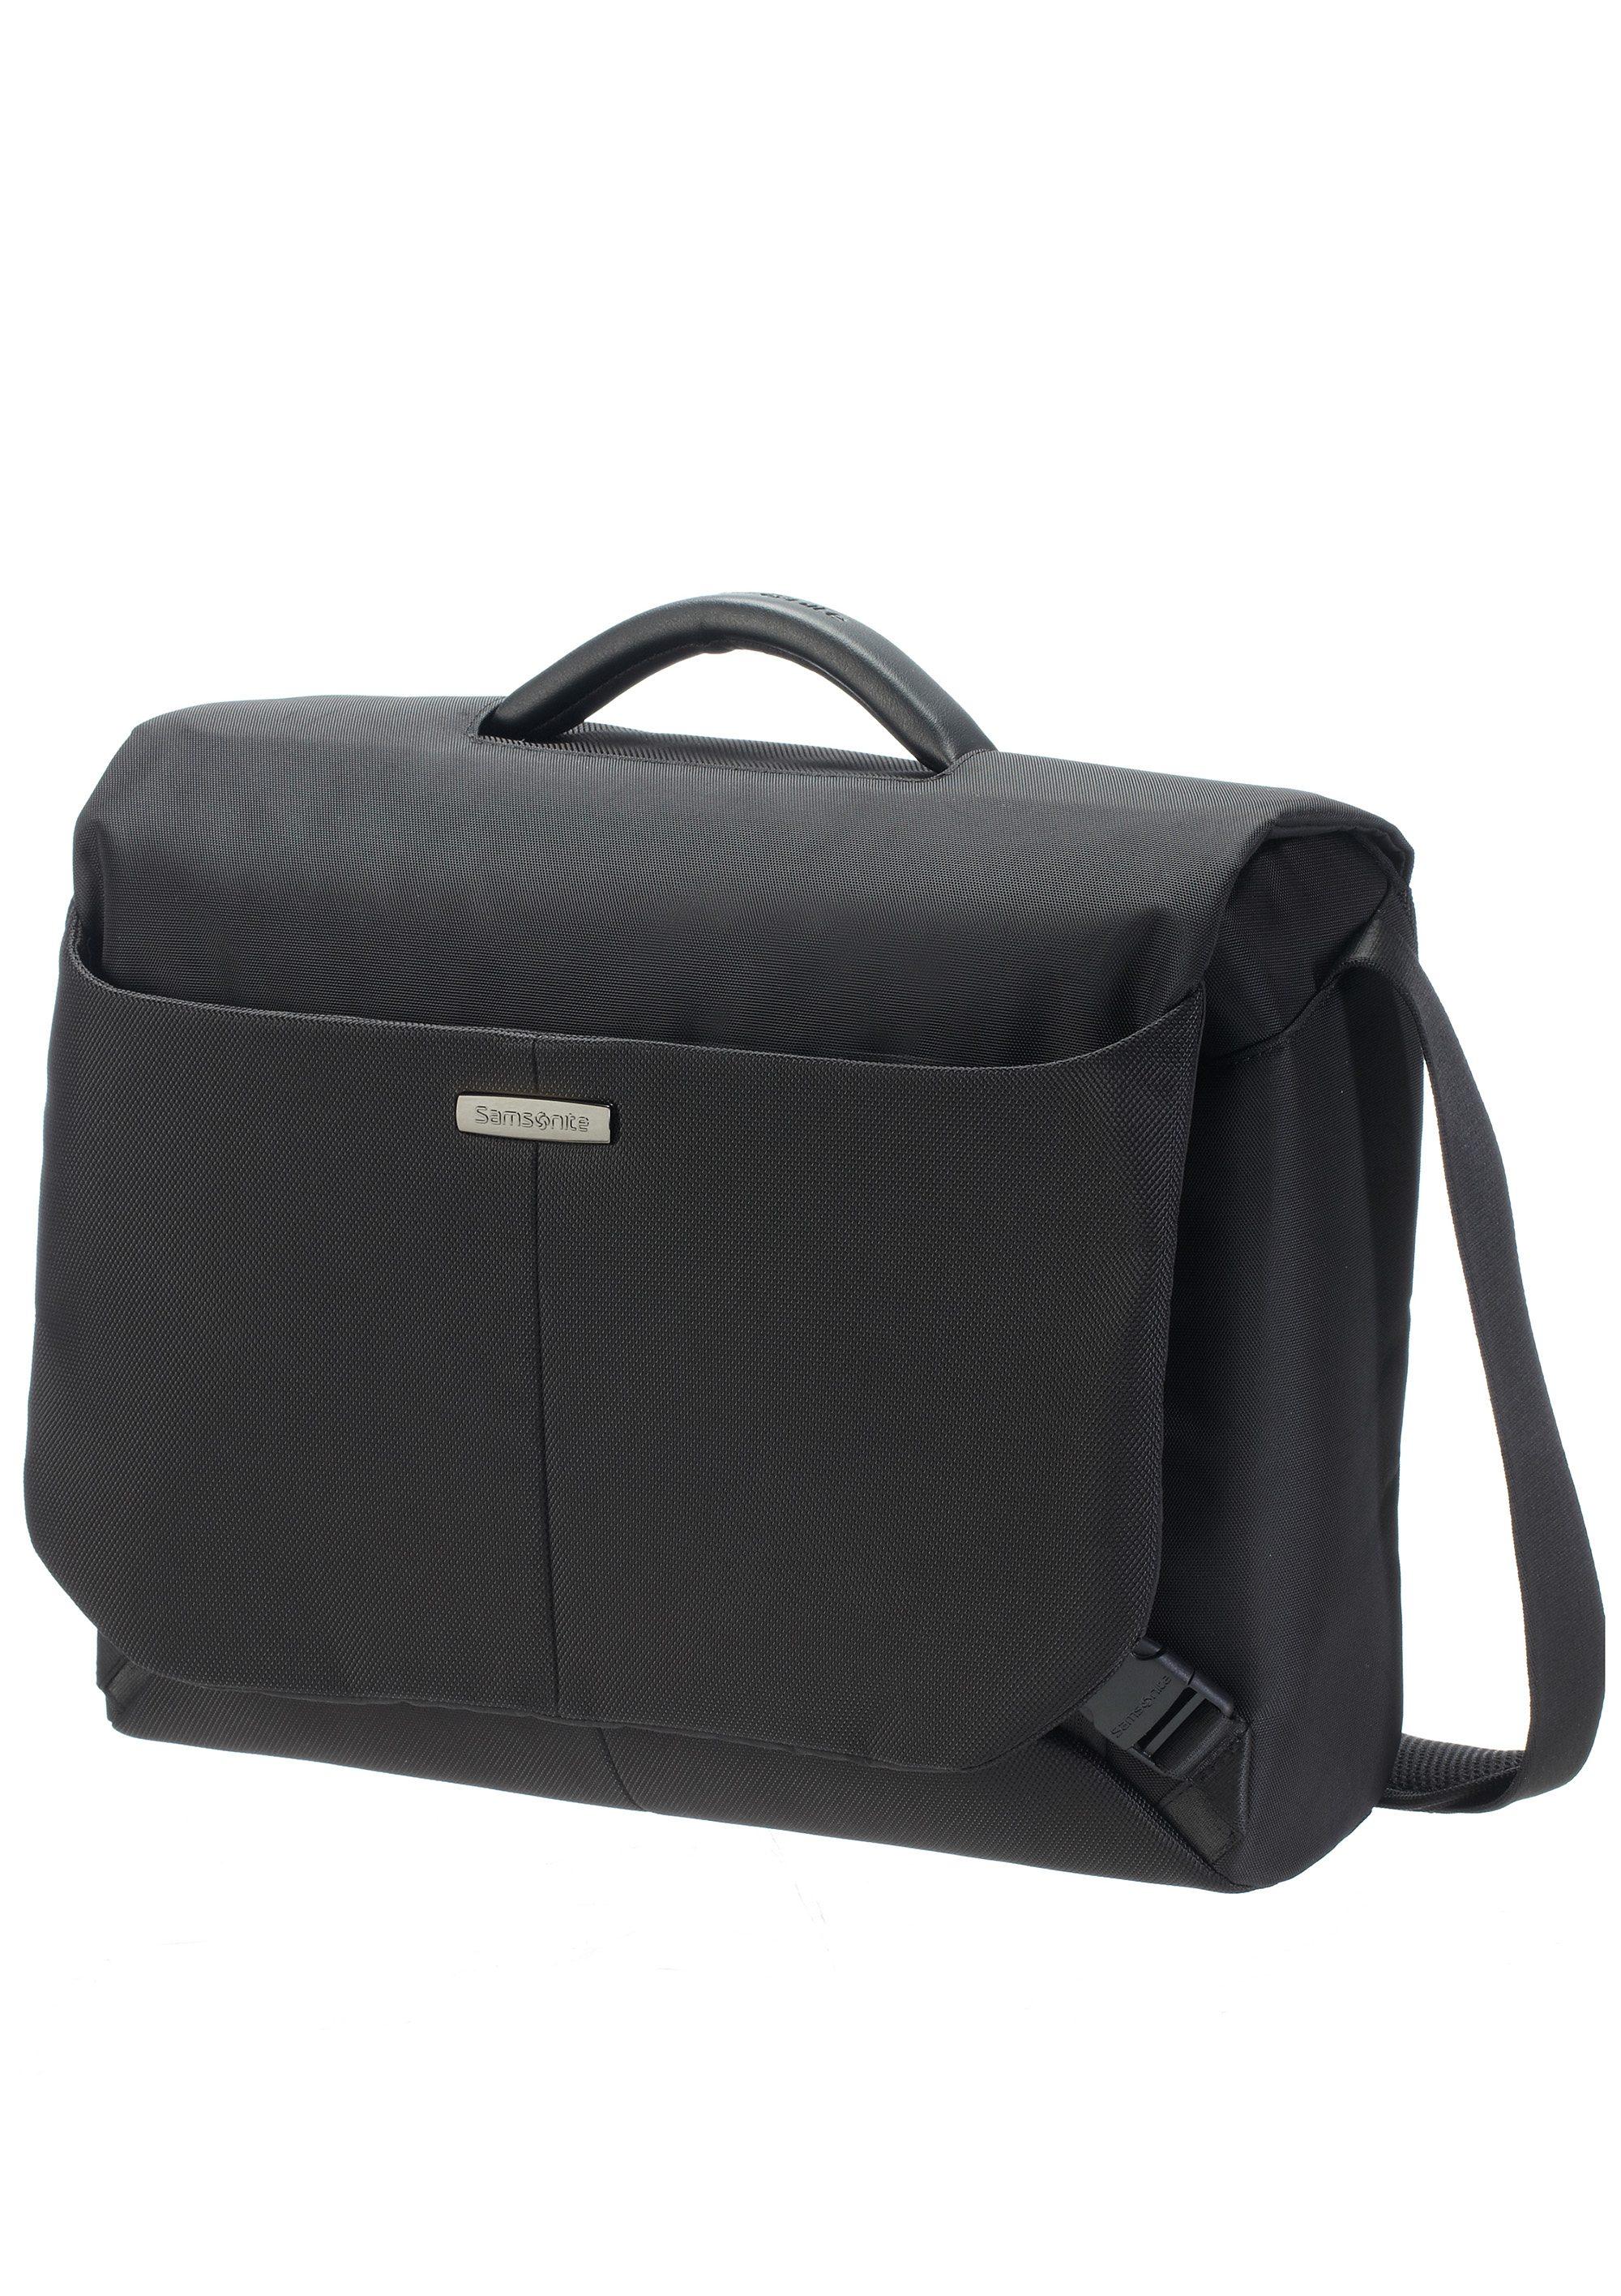 Samsonite Businesstasche mit Tablet- und 16-Zoll Laptopfach, »Ergo-Biz Messenger«